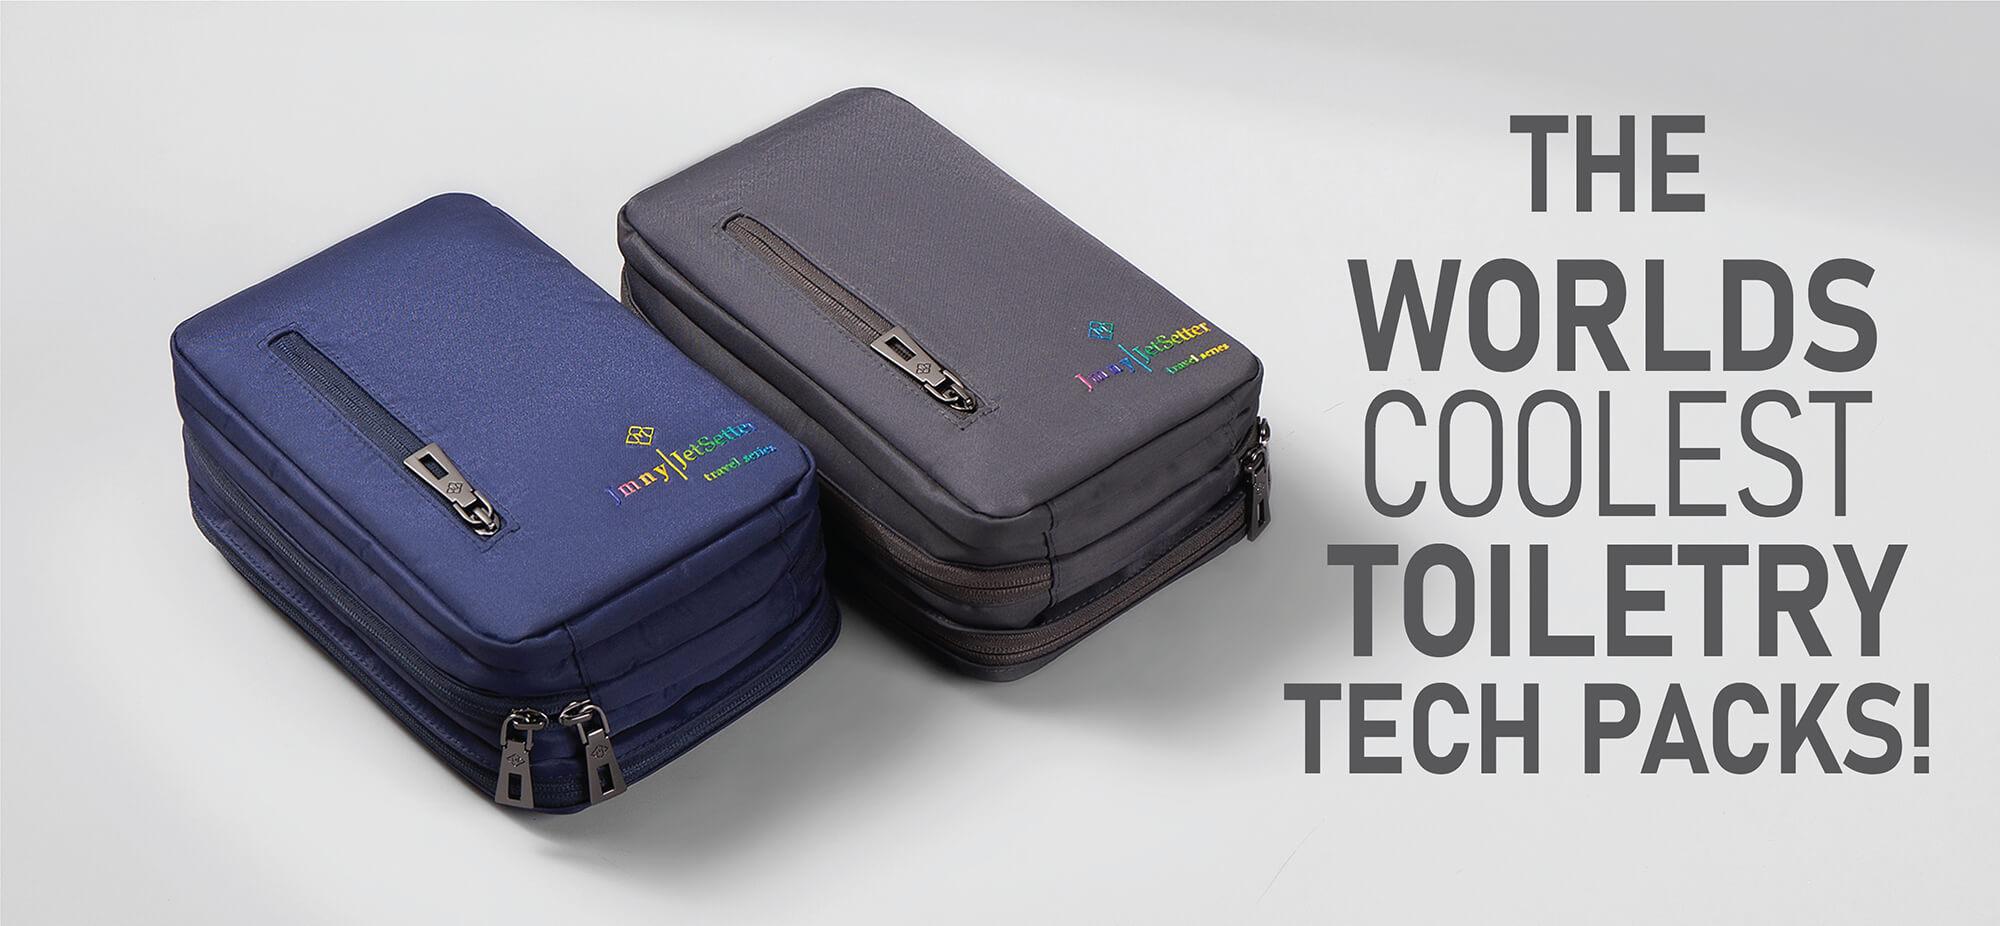 TT Toiletry Bag Kickstarter Crowdfunding Banner